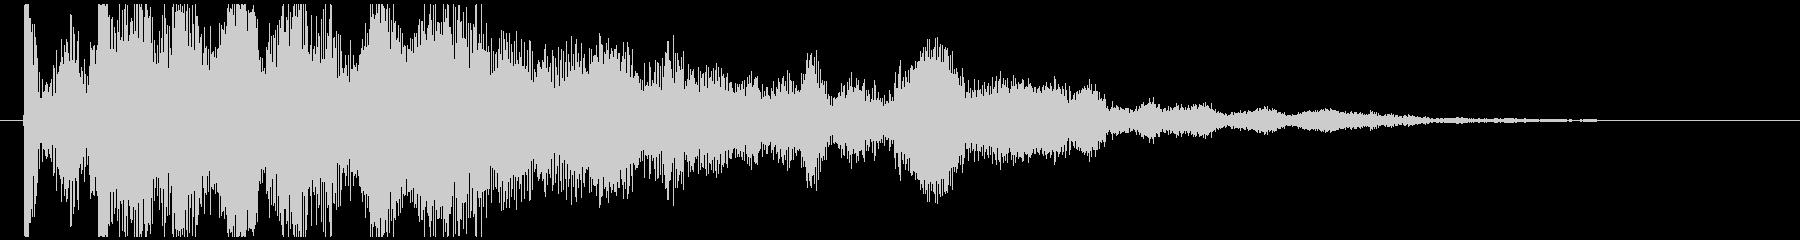 神秘的で透明感のあるアクセント音10の未再生の波形